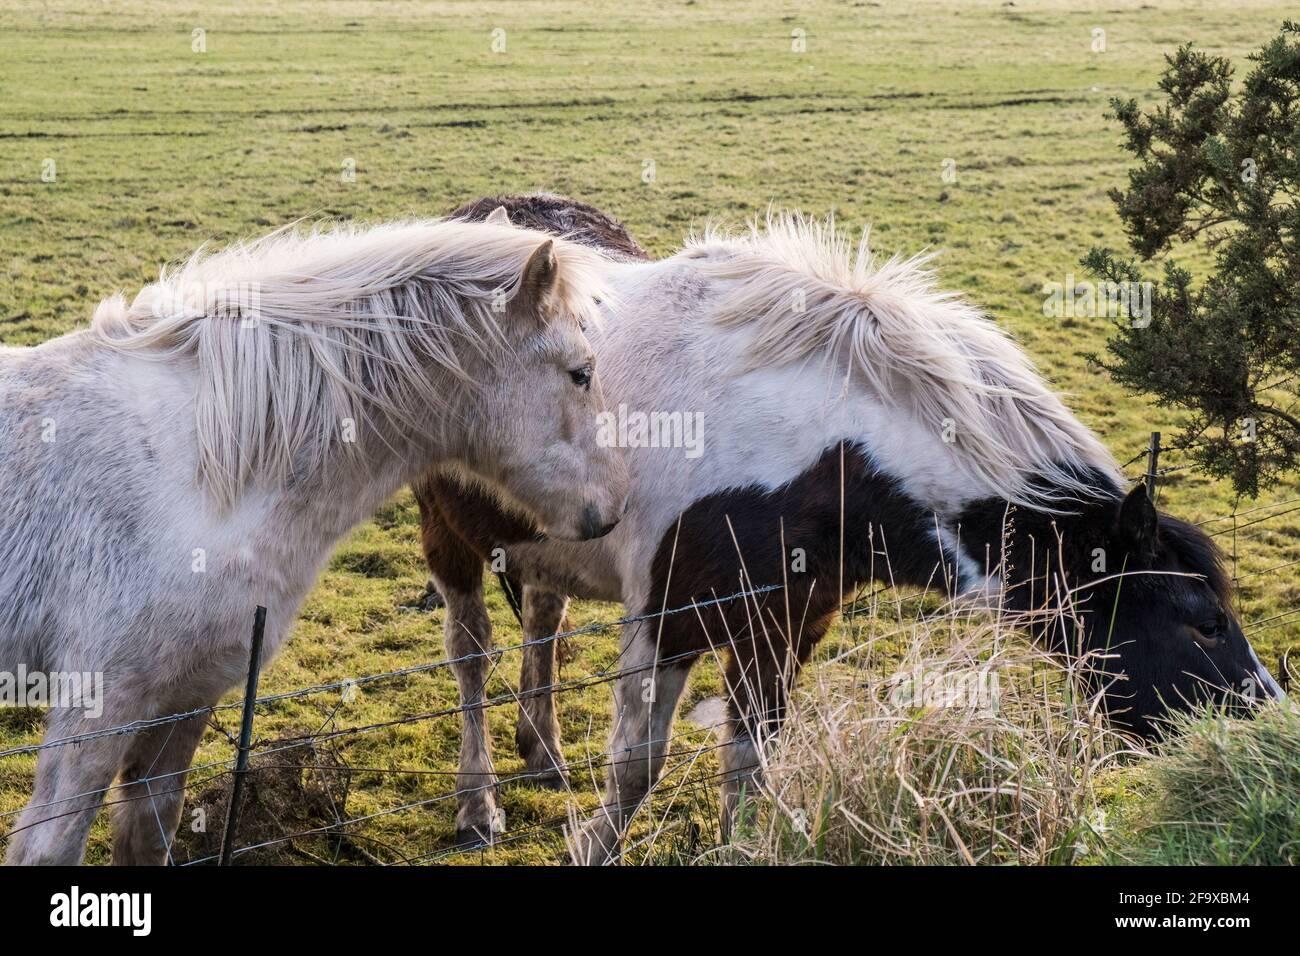 Ikonische ungezähmte Bodmin Ponys in einem Feld auf Bodmin Moor in Cornwall. Stockfoto